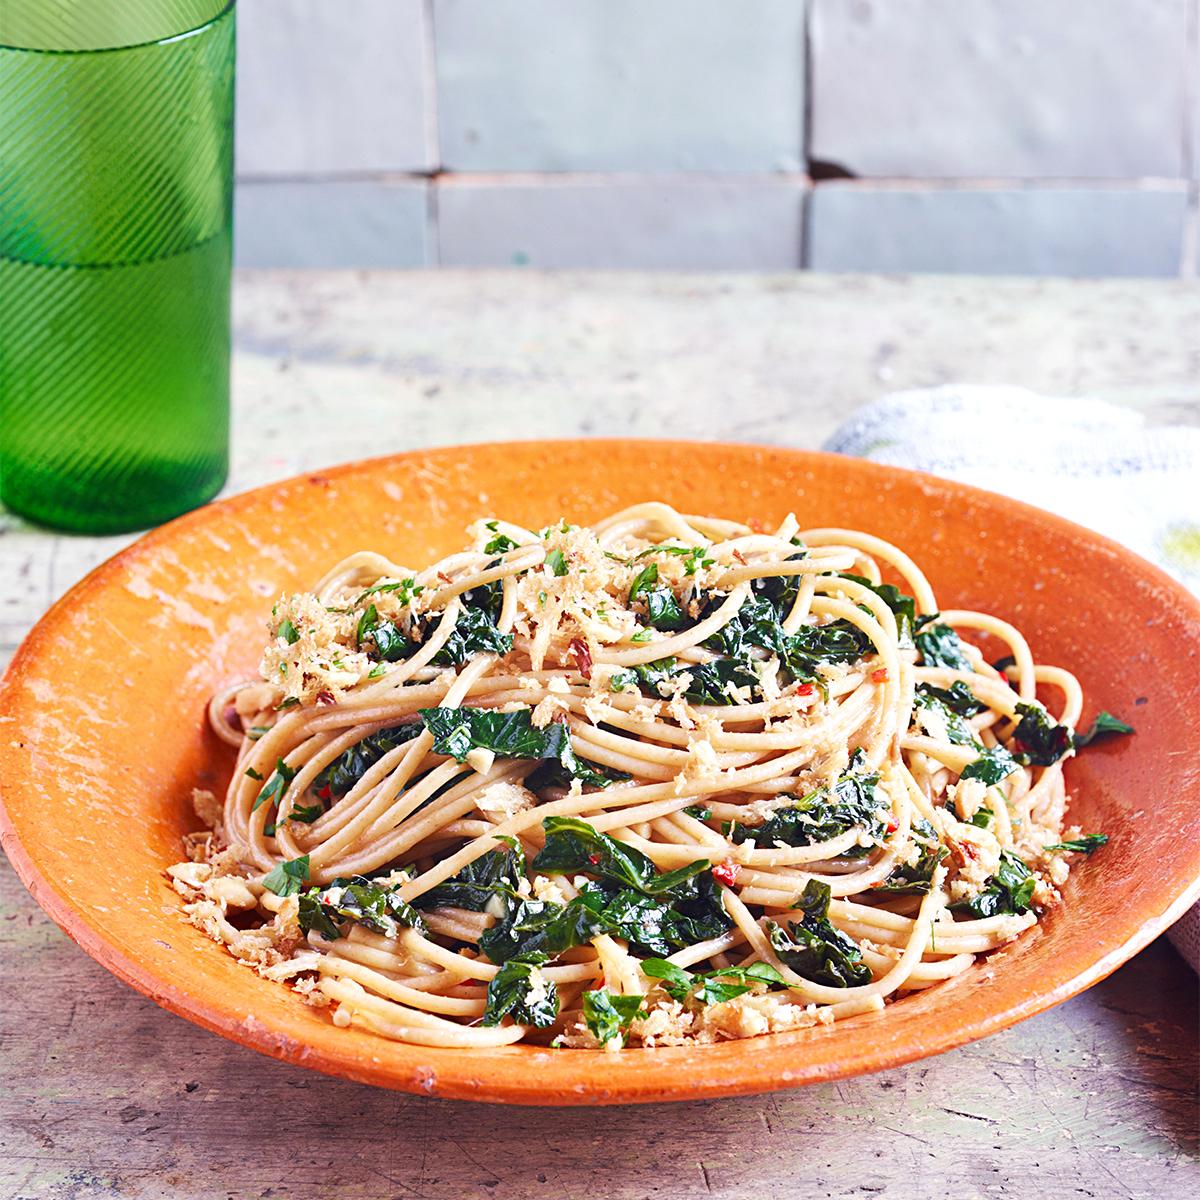 aglio e oilo with farro spaghetti kale and hazelnut breadcrumbs